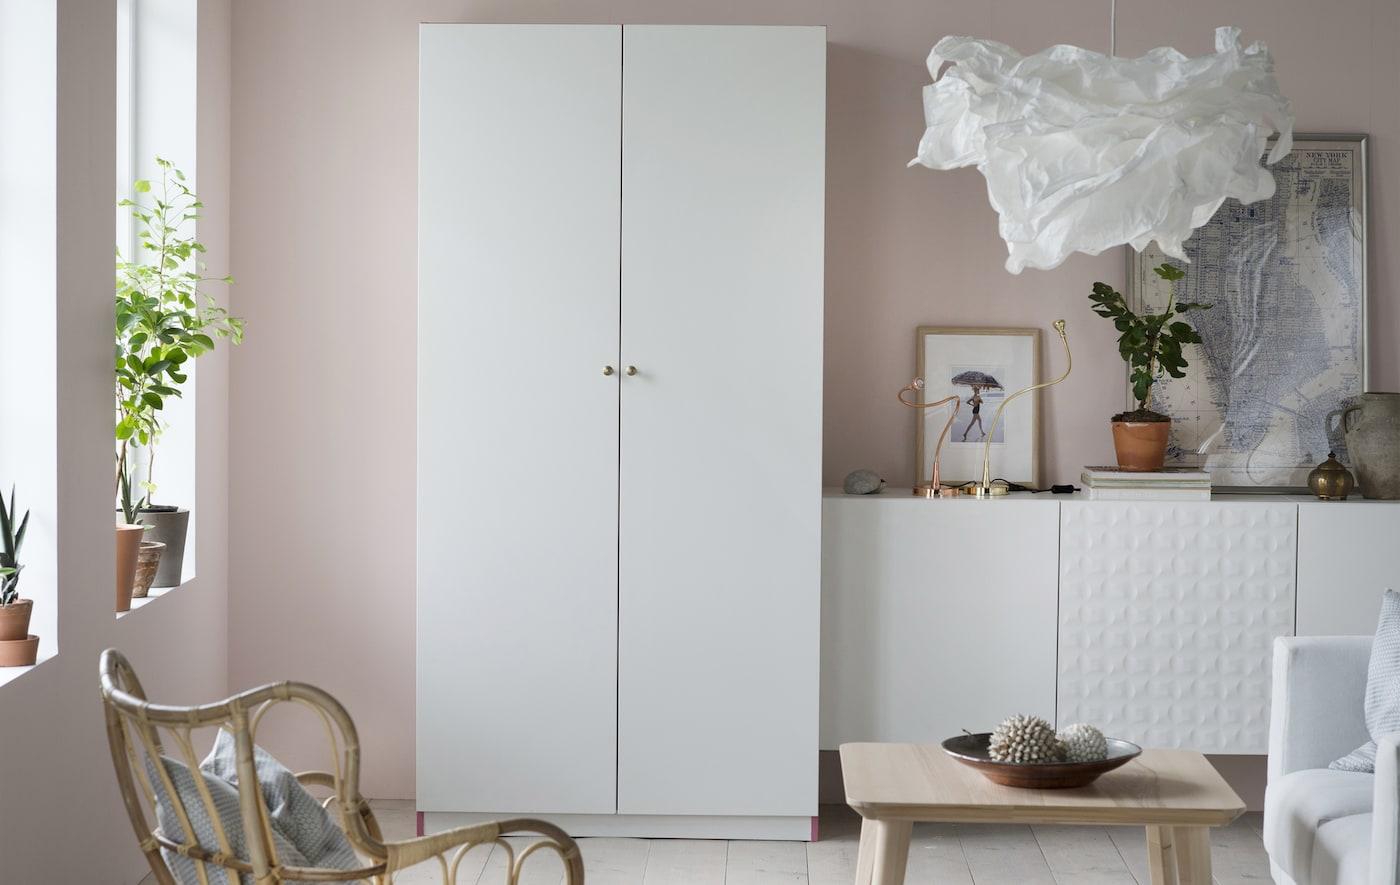 IKEA Hat Jede Menge Tolle Und Einfache Ideen Für Familienzimmer, Z. B. Für